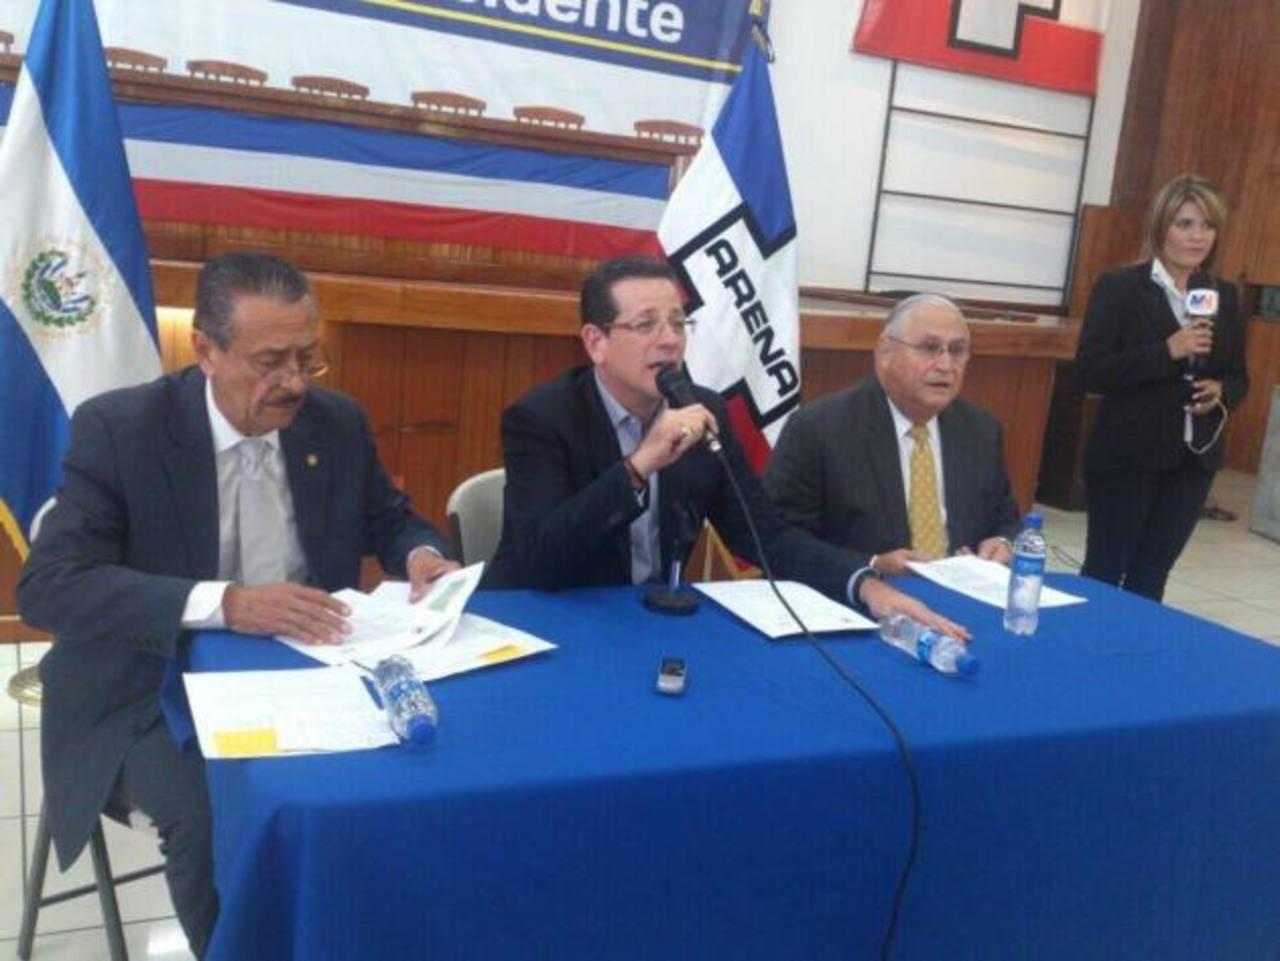 Óscar Santamaría, Jorge Velado y Armando Calderón Sol en el COENA. FOTO EDH Edmee Velásquez